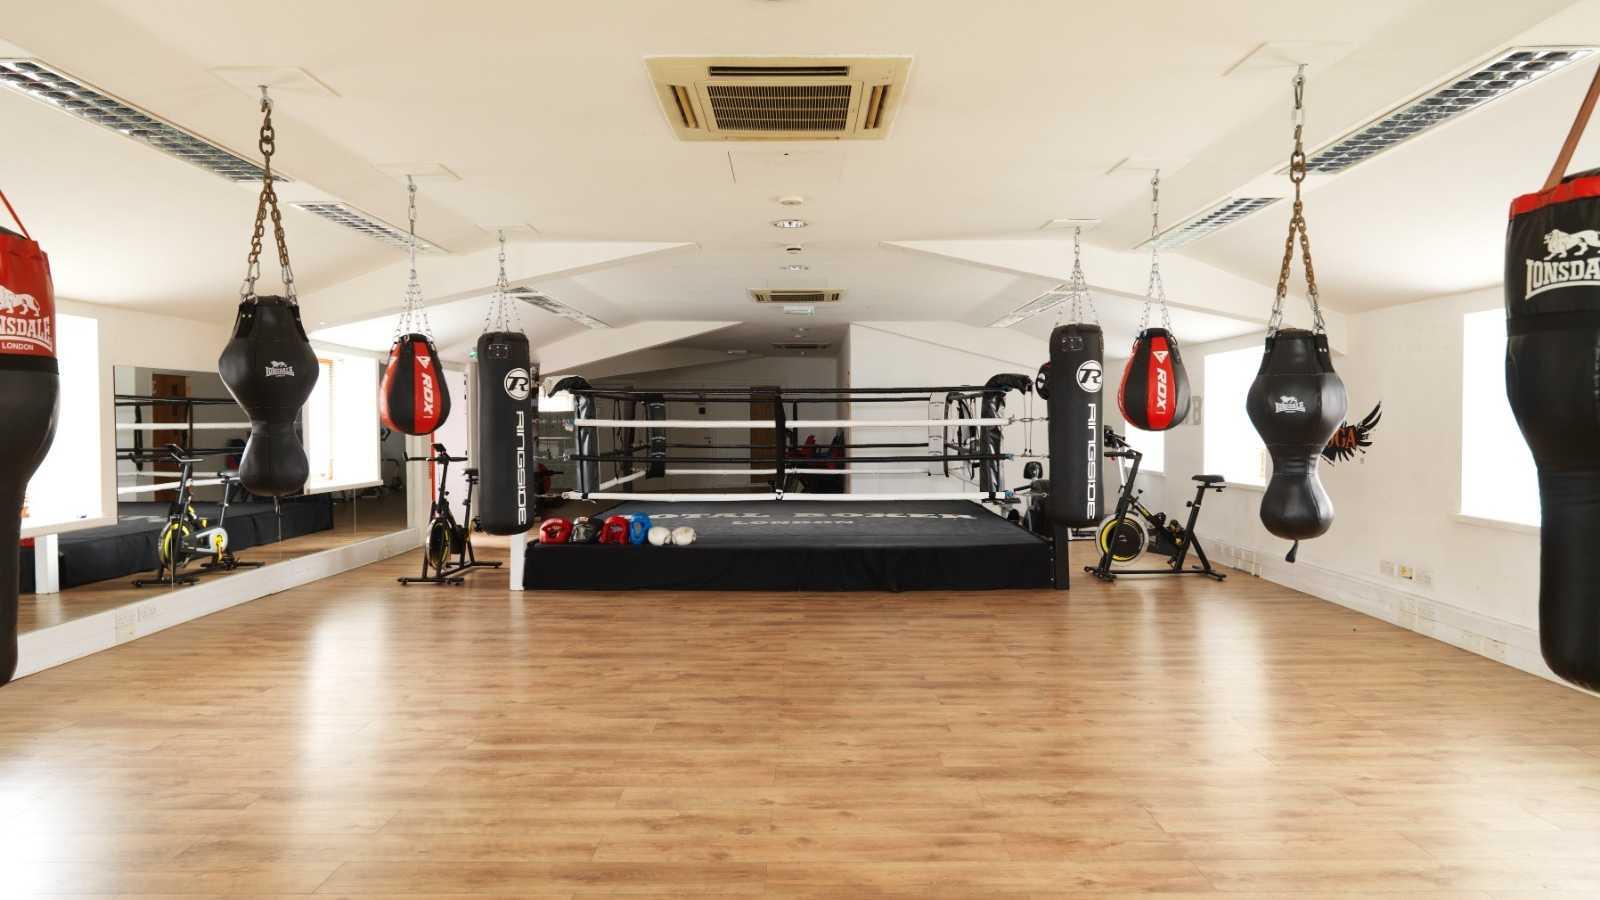 Gym - Whole venue